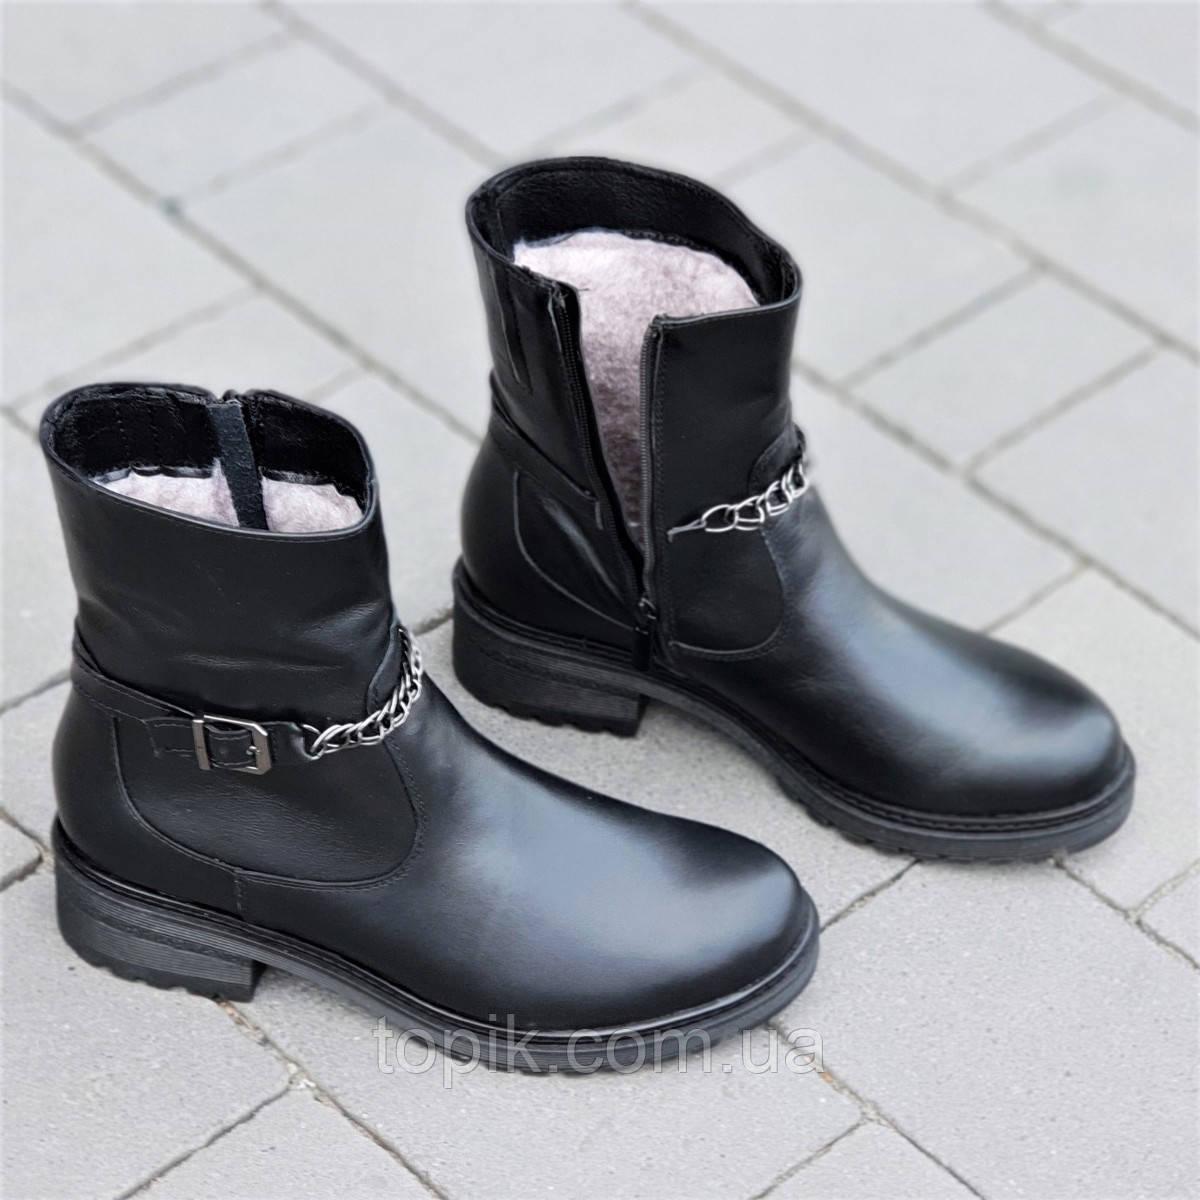 Женские зимние ботинки полусапожки кожаные черные прошитая мягкая резиновая подошва (Код: 1313)